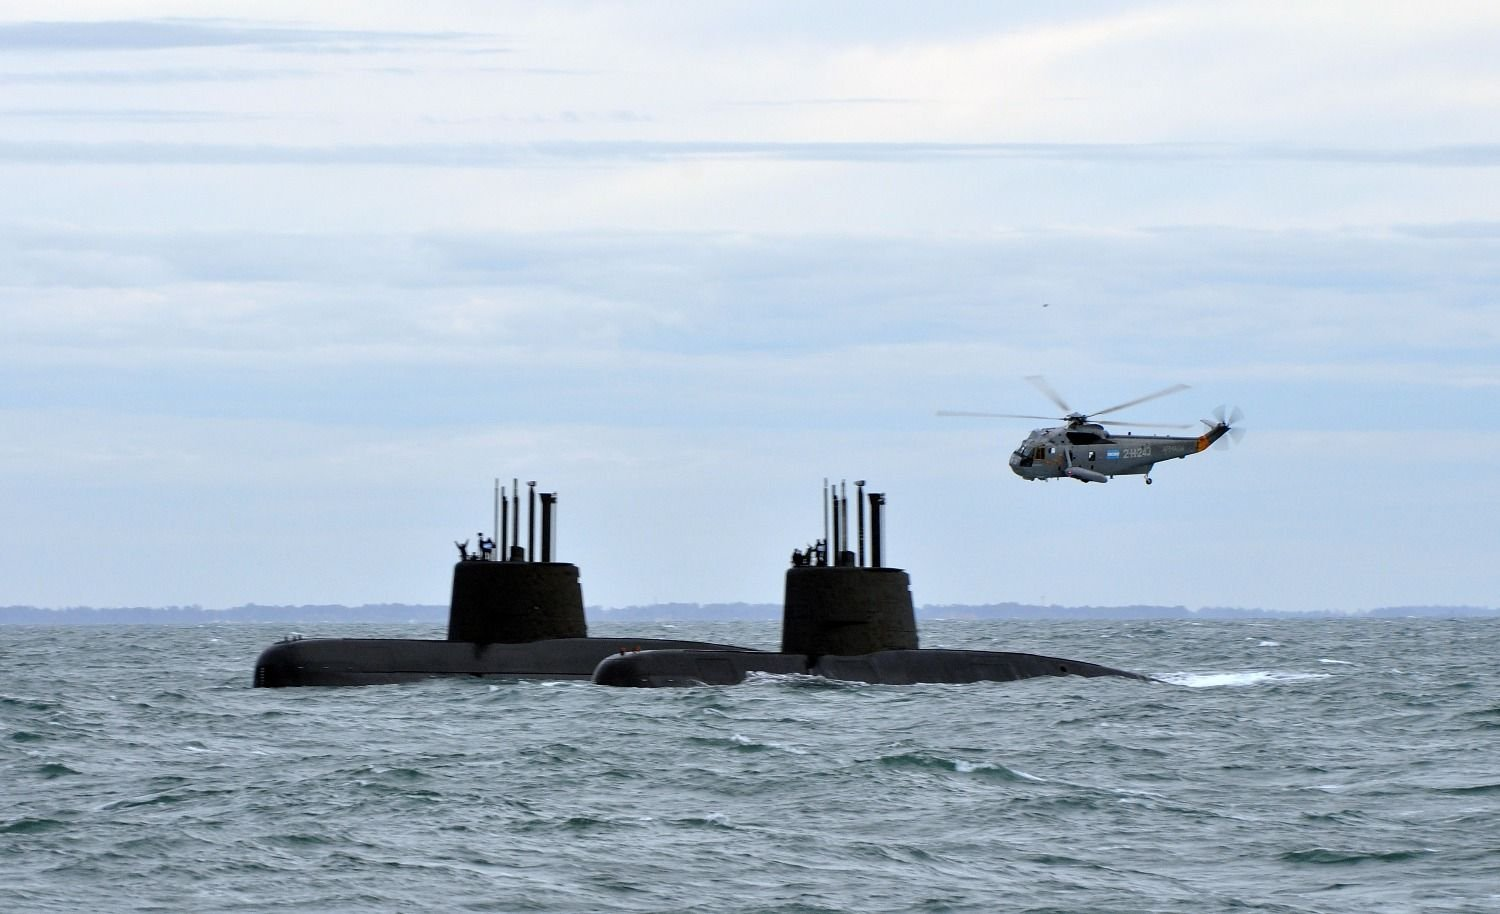 Fuerzas armadas: ¿gasto o inversión?